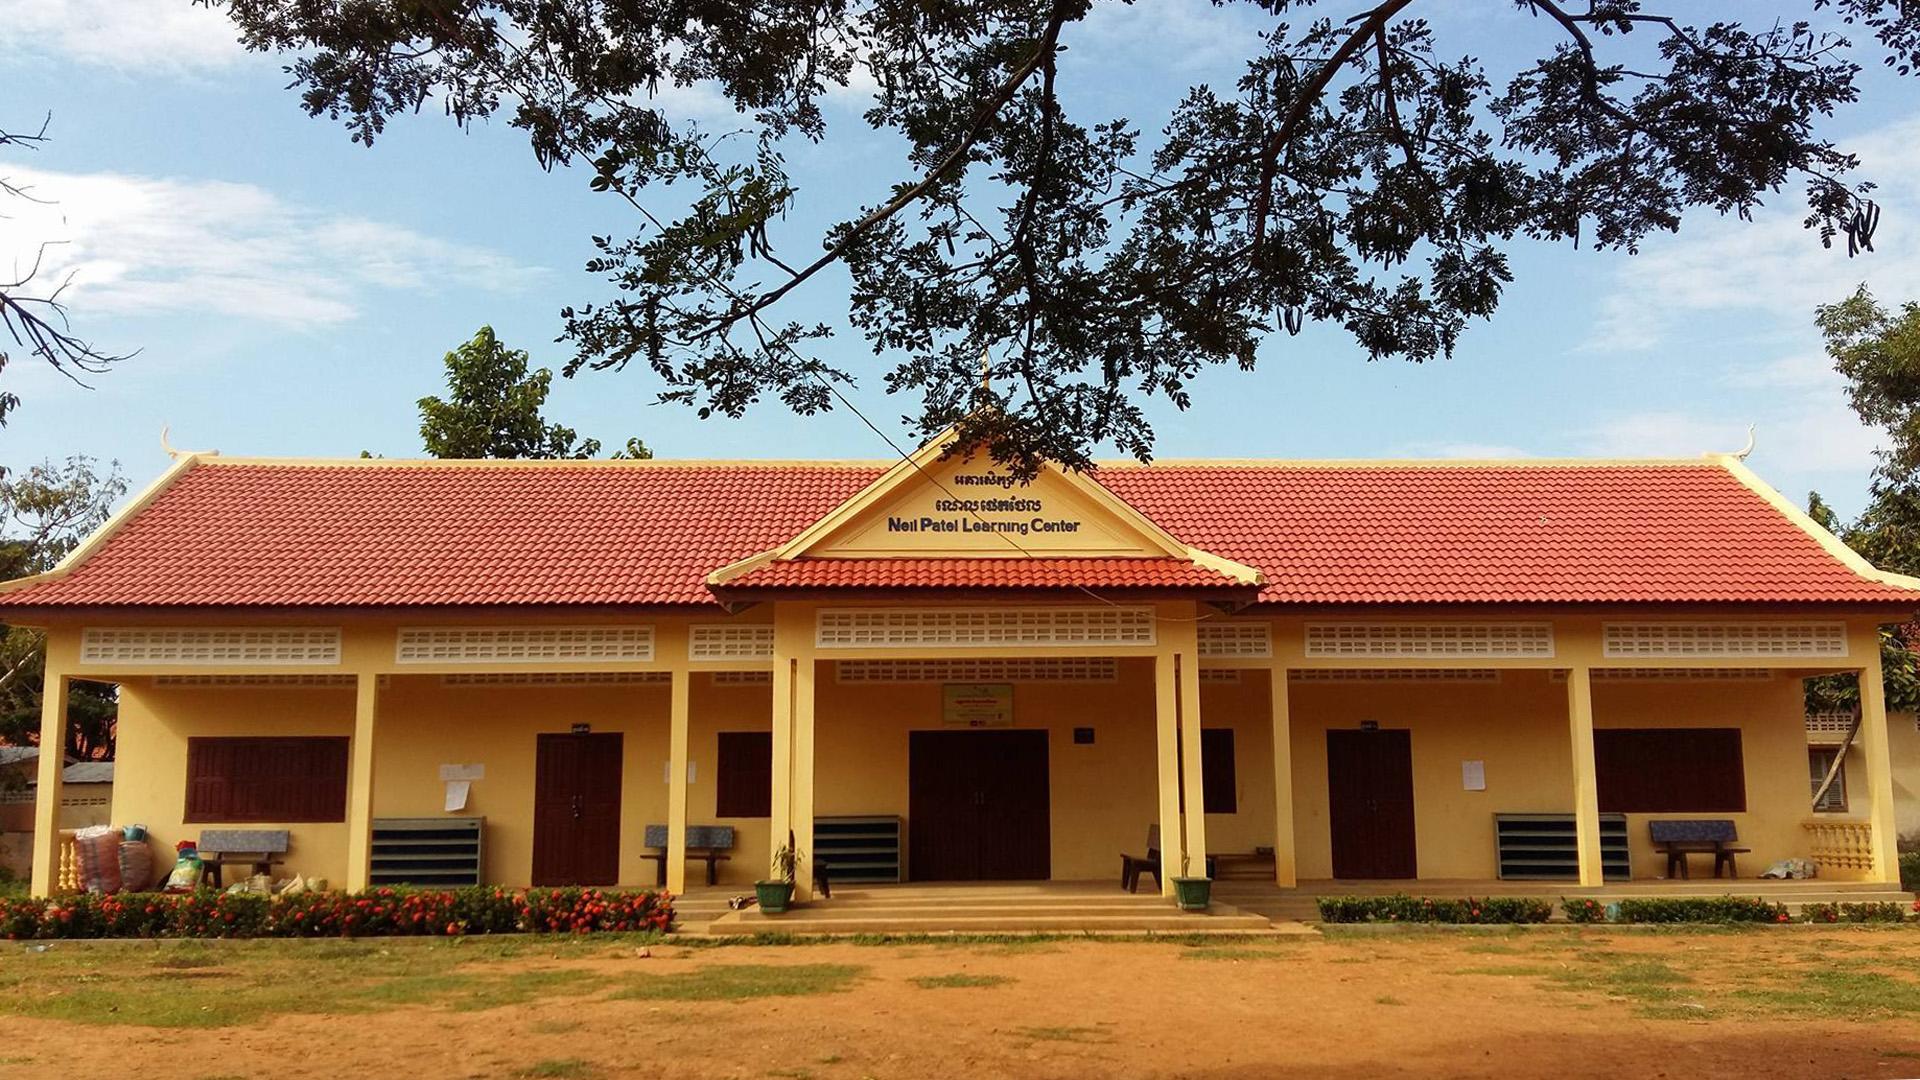 Neil Patel Learning Center